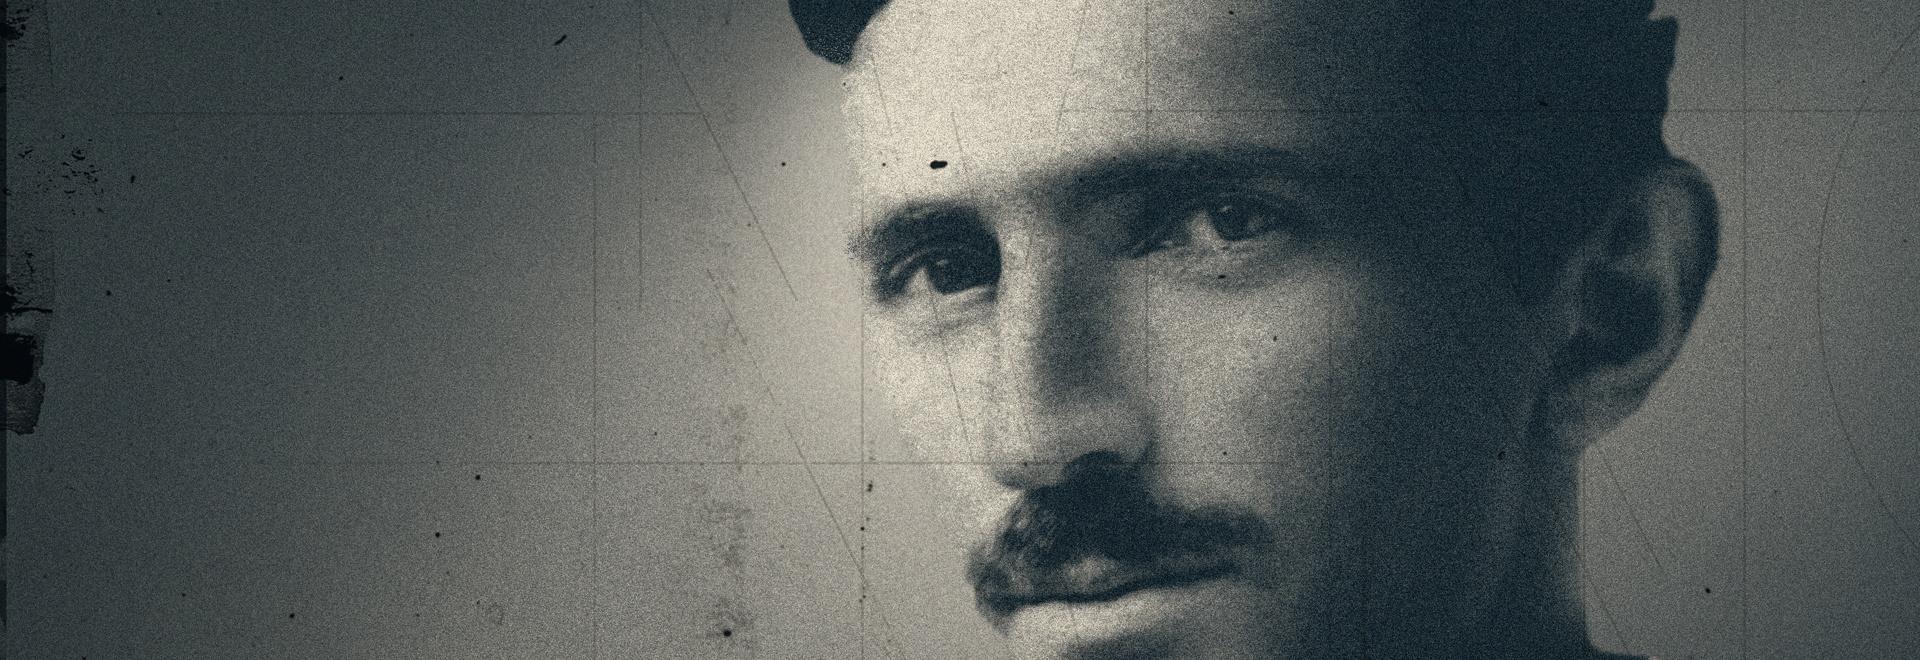 Chi era Tesla?